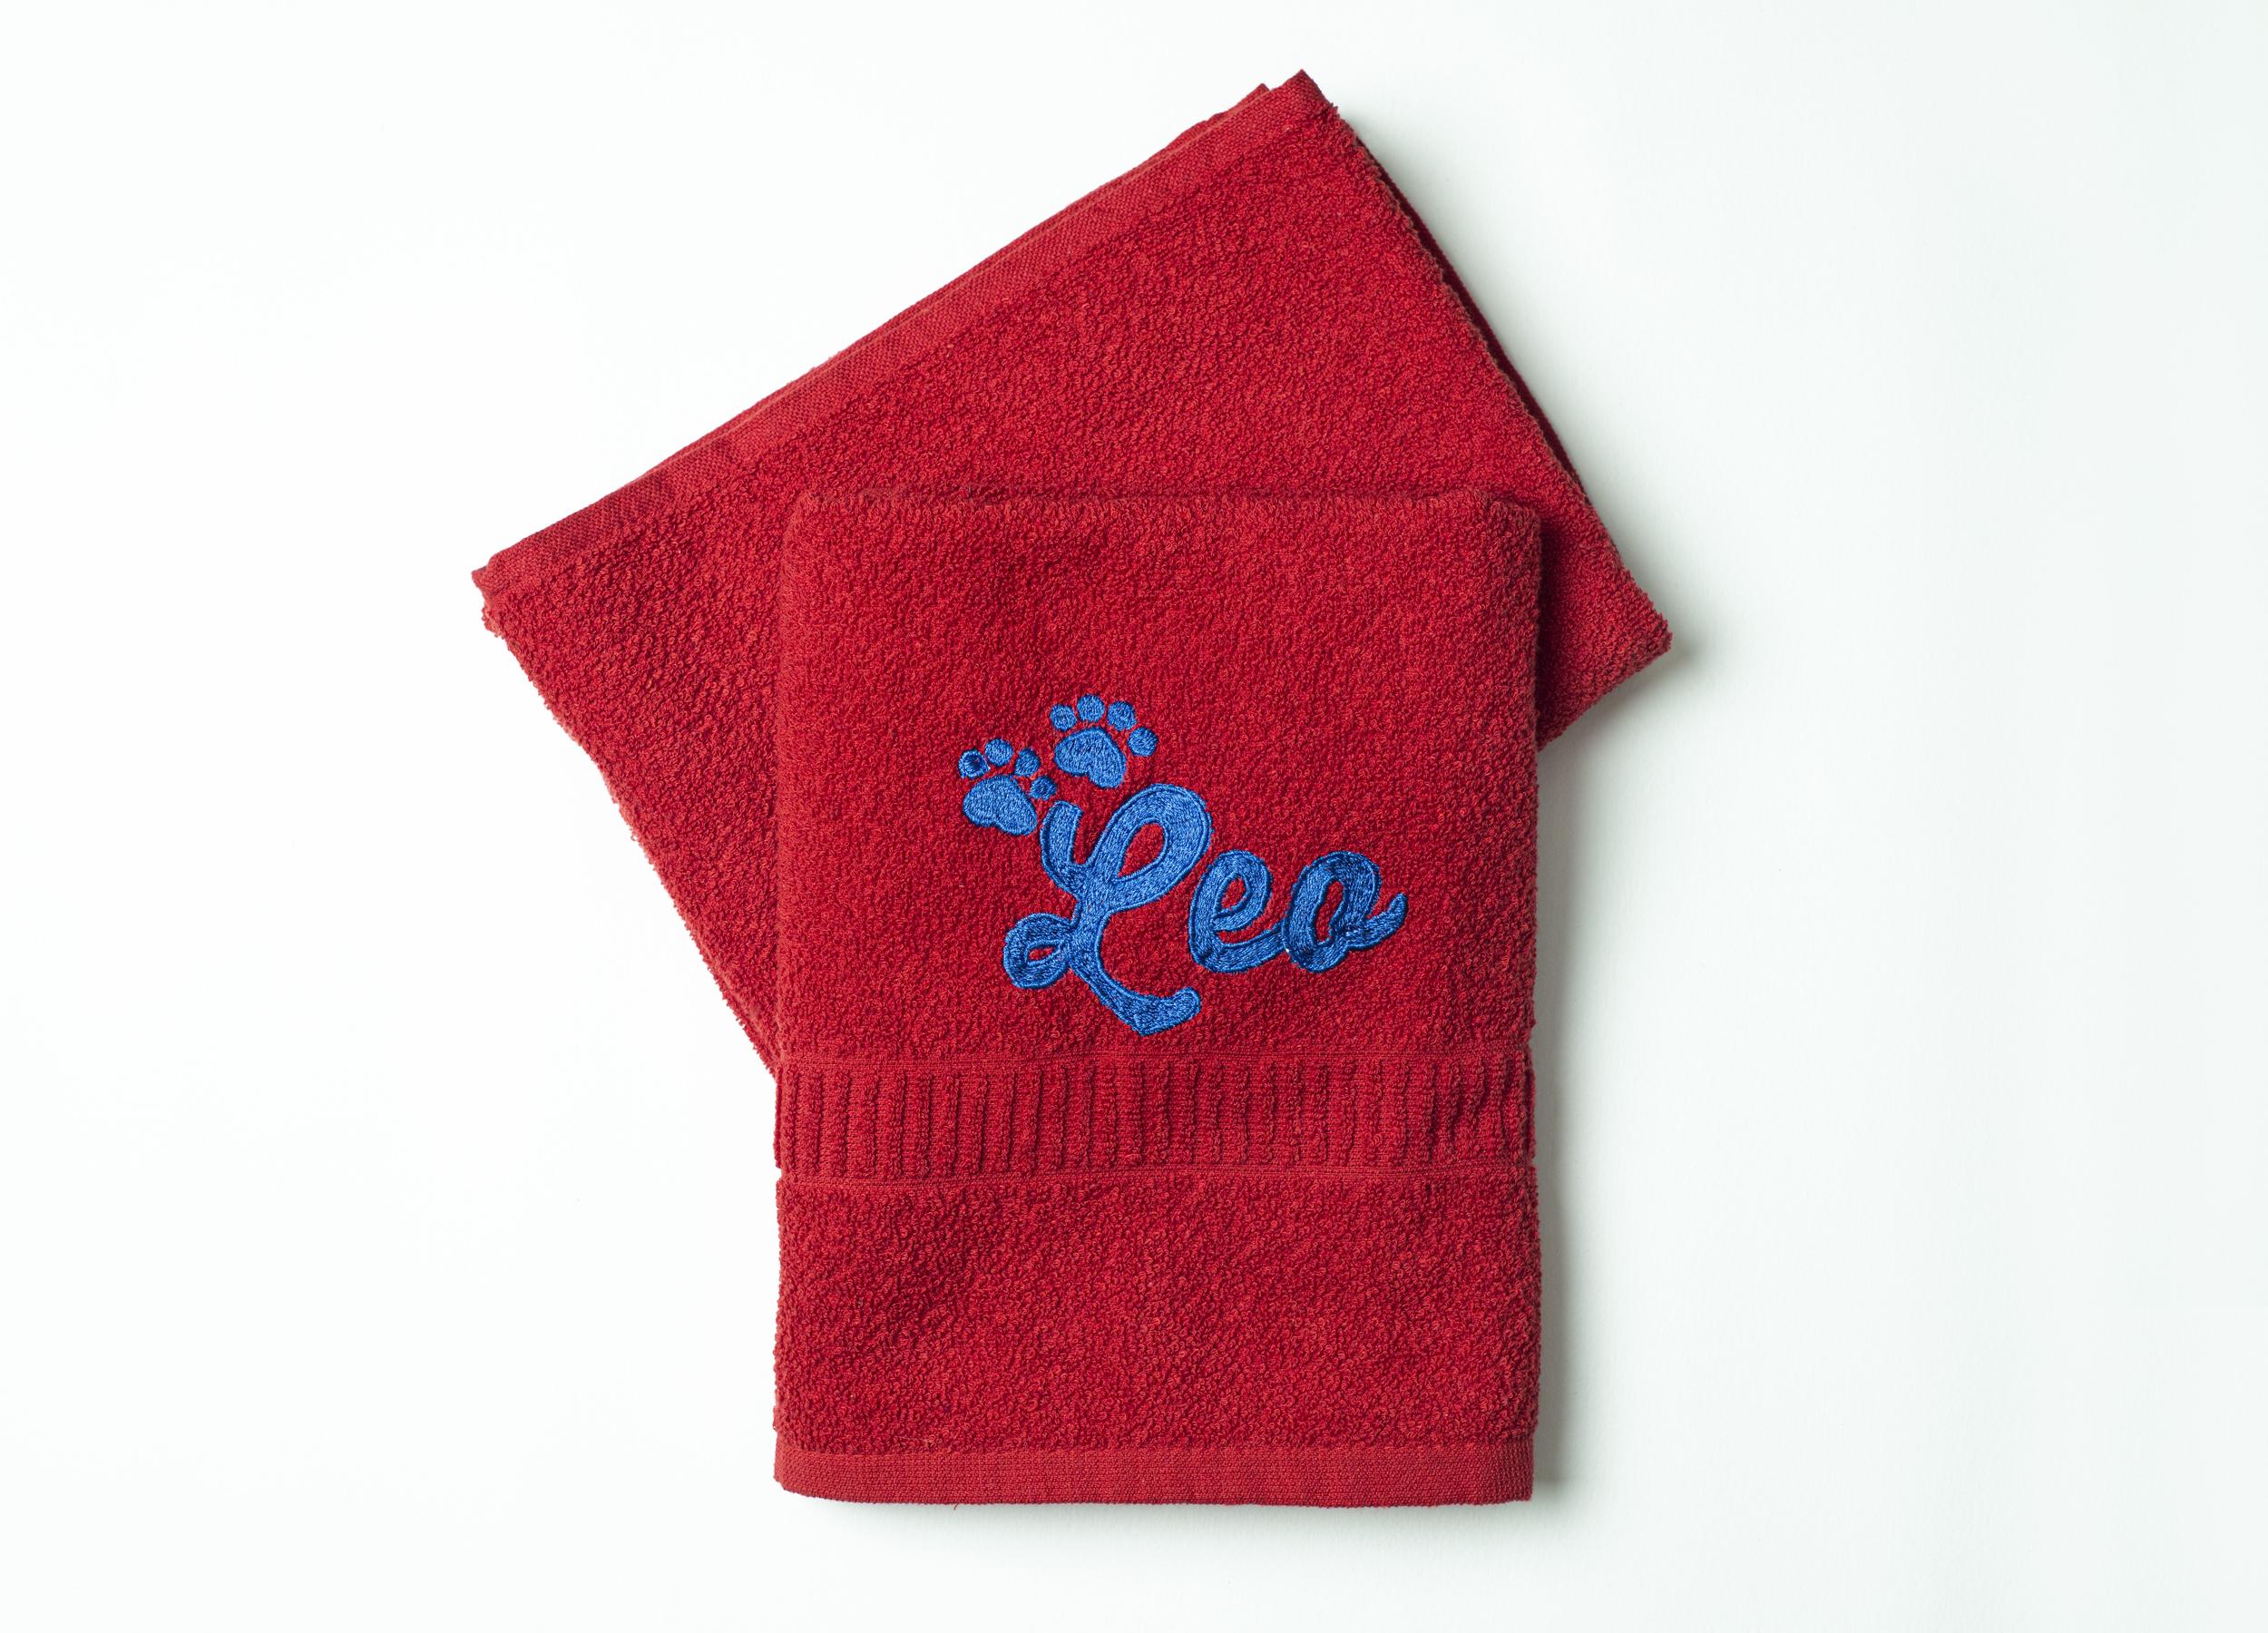 Nutriwoof Towels